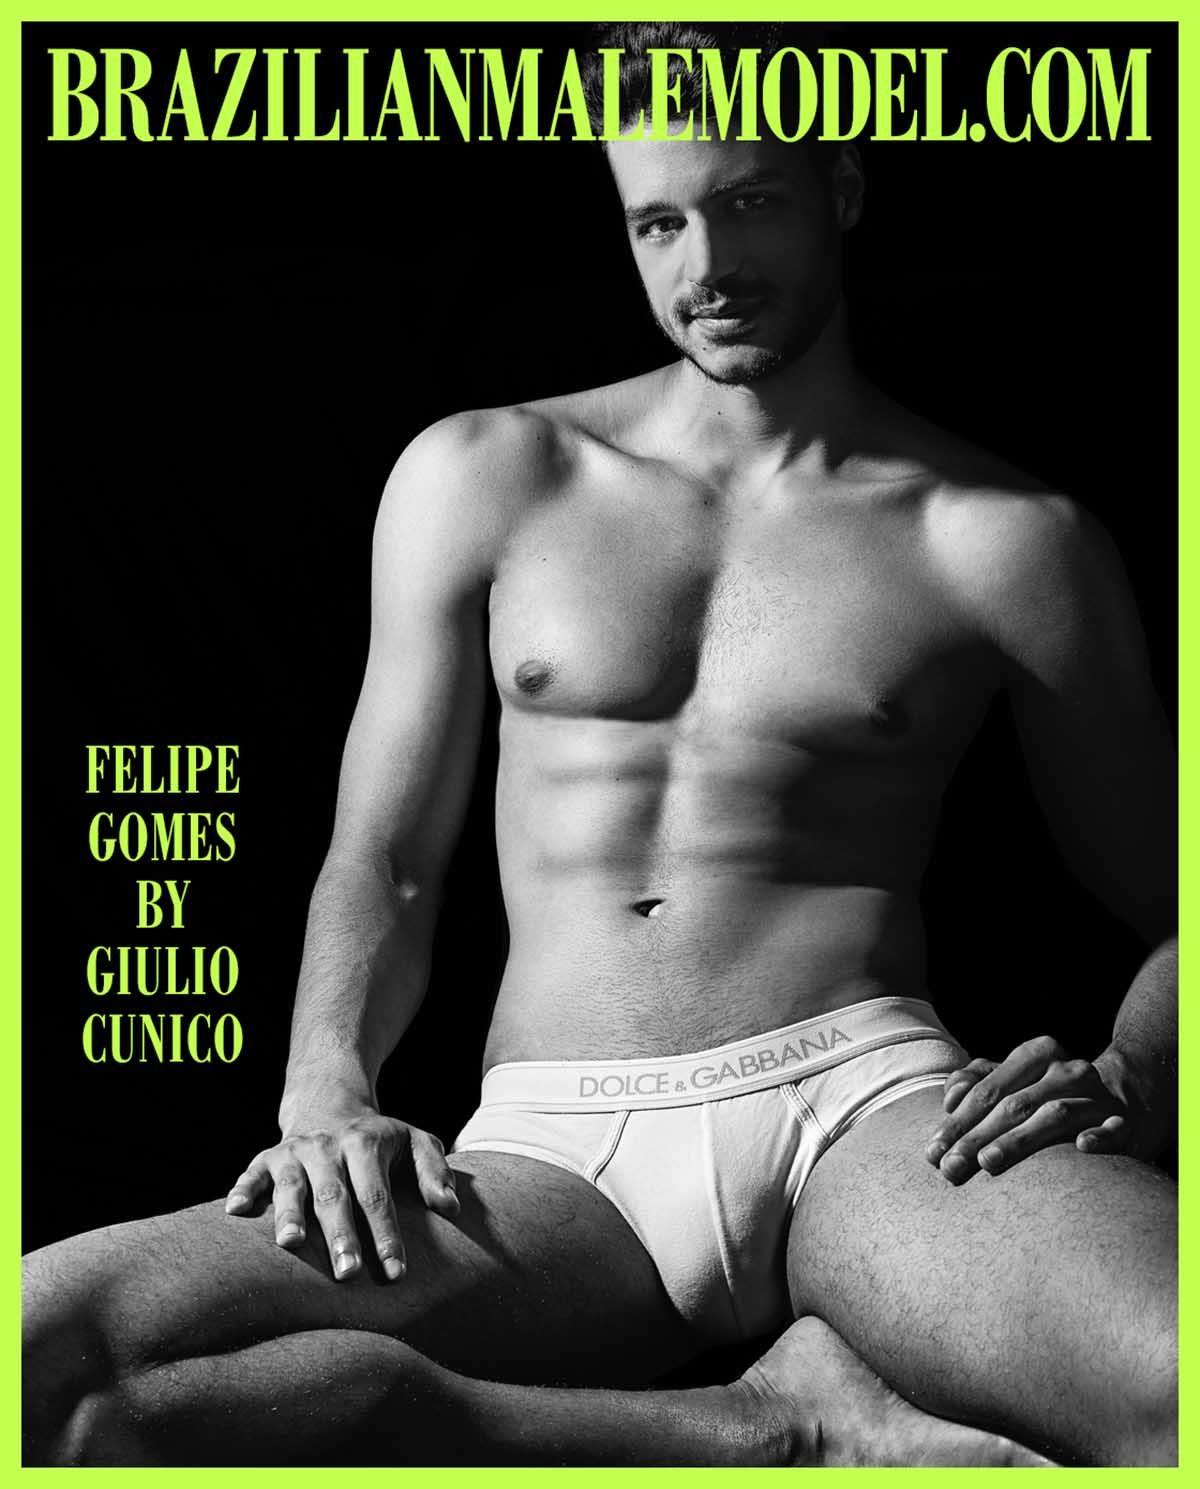 Felipe Gomes by Giulio Cunico